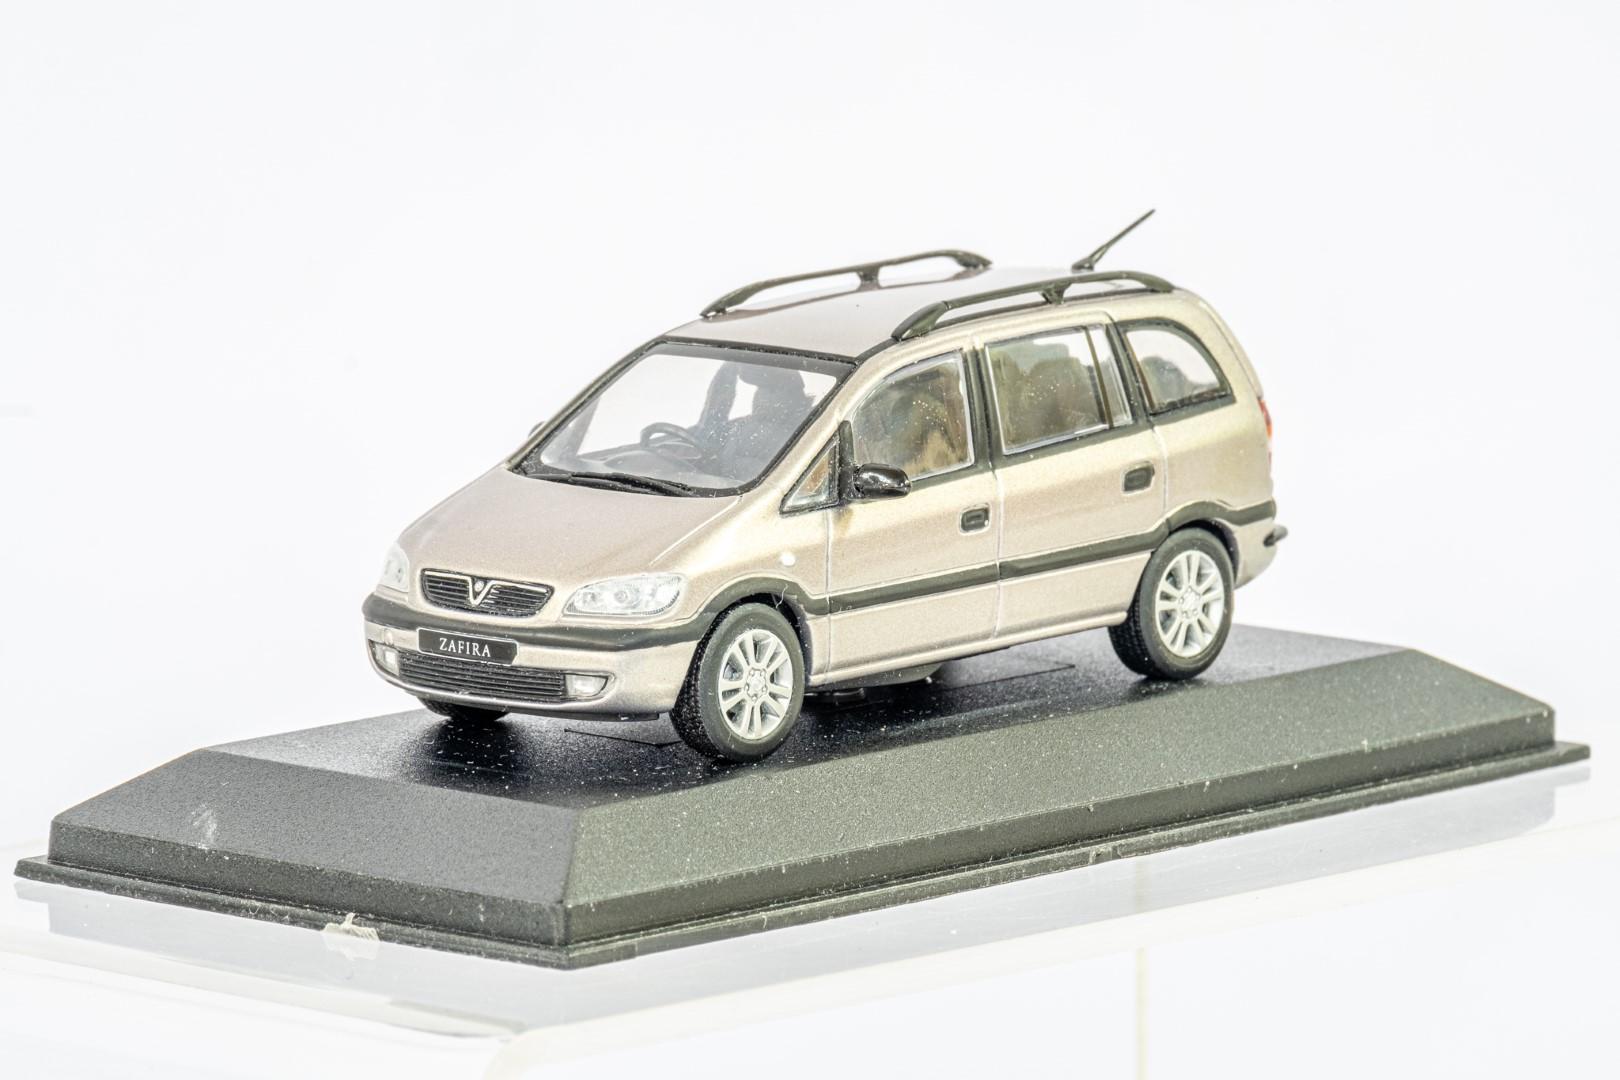 2 x Boxed Car Models - Vauxhall Zafira & Insignia - Image 6 of 7